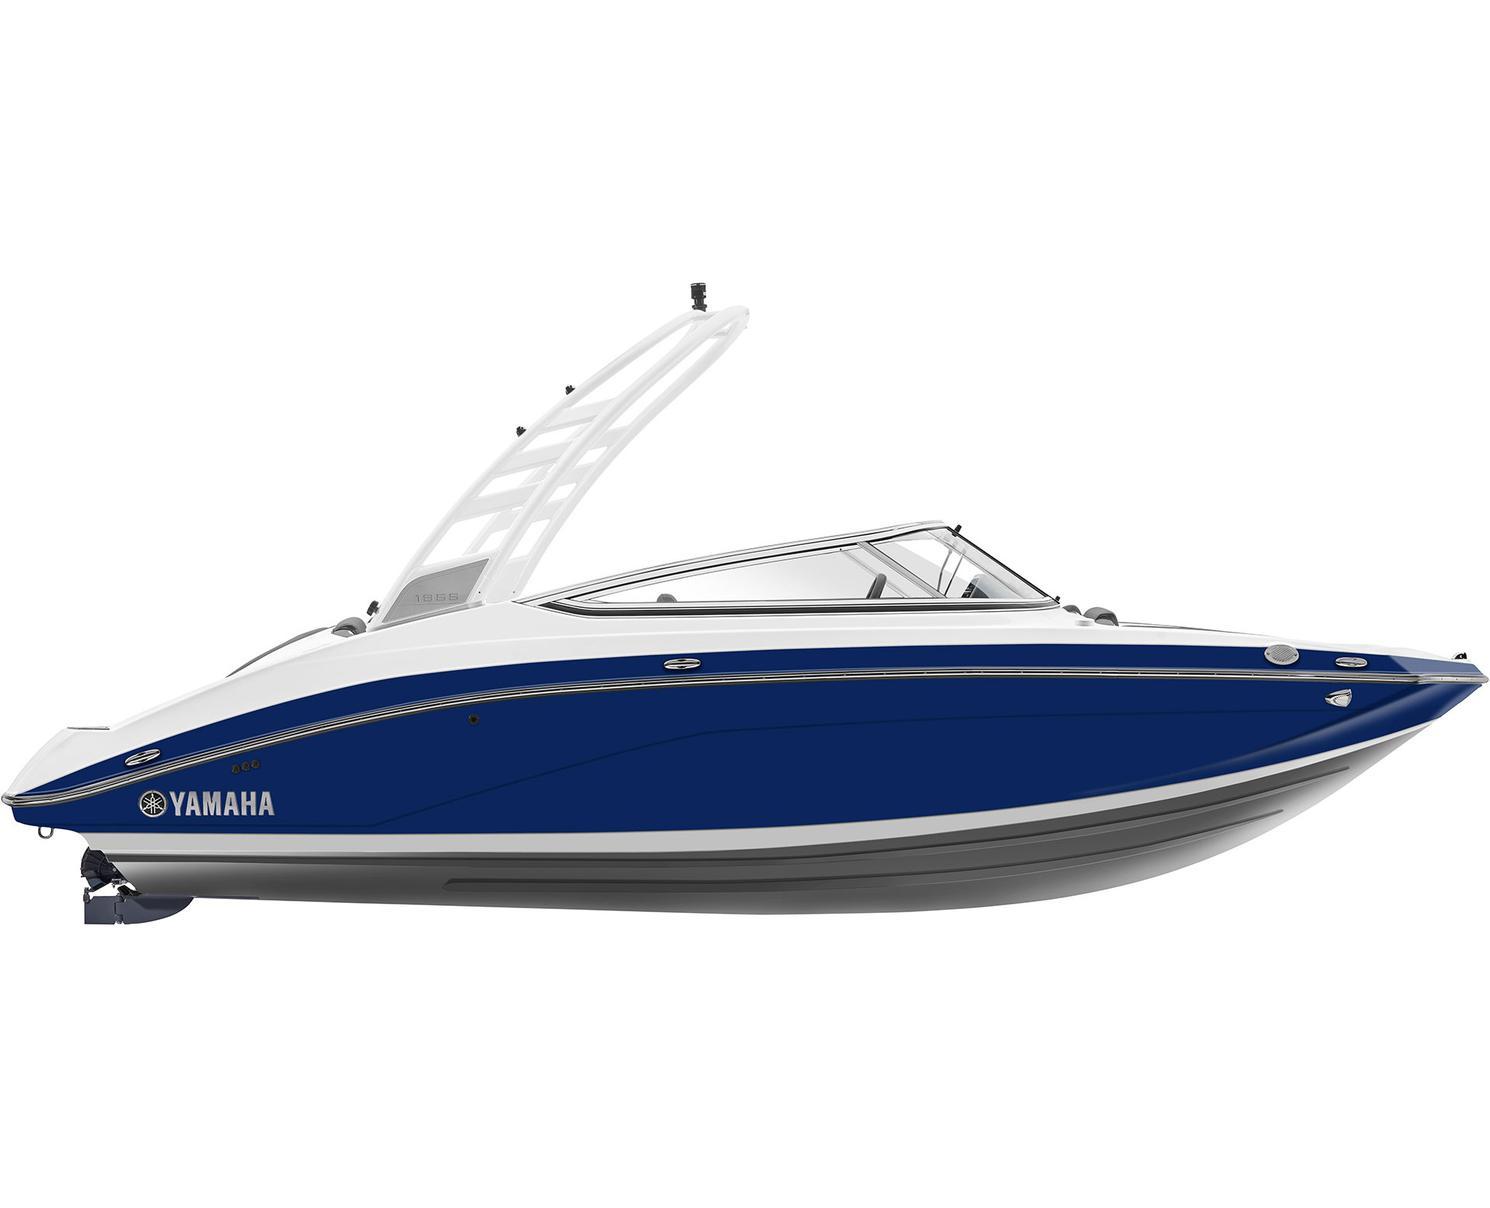 Yamaha 195S  Bleu Yacht Métallique 2021